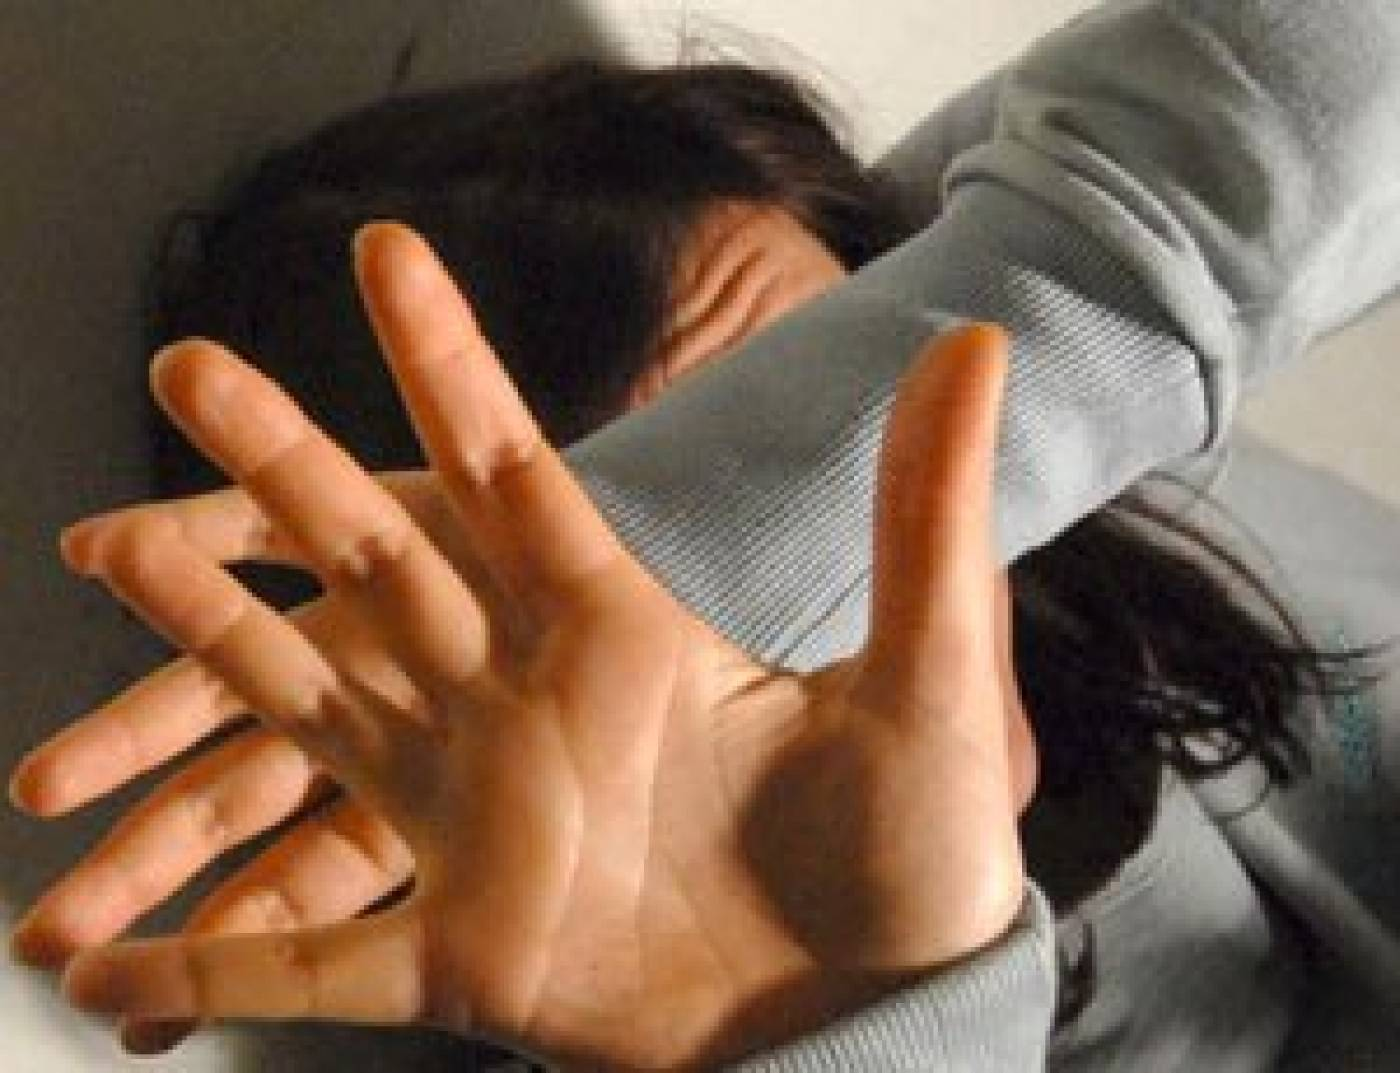 Arrestato 29enne per matrattamenti in famiglia